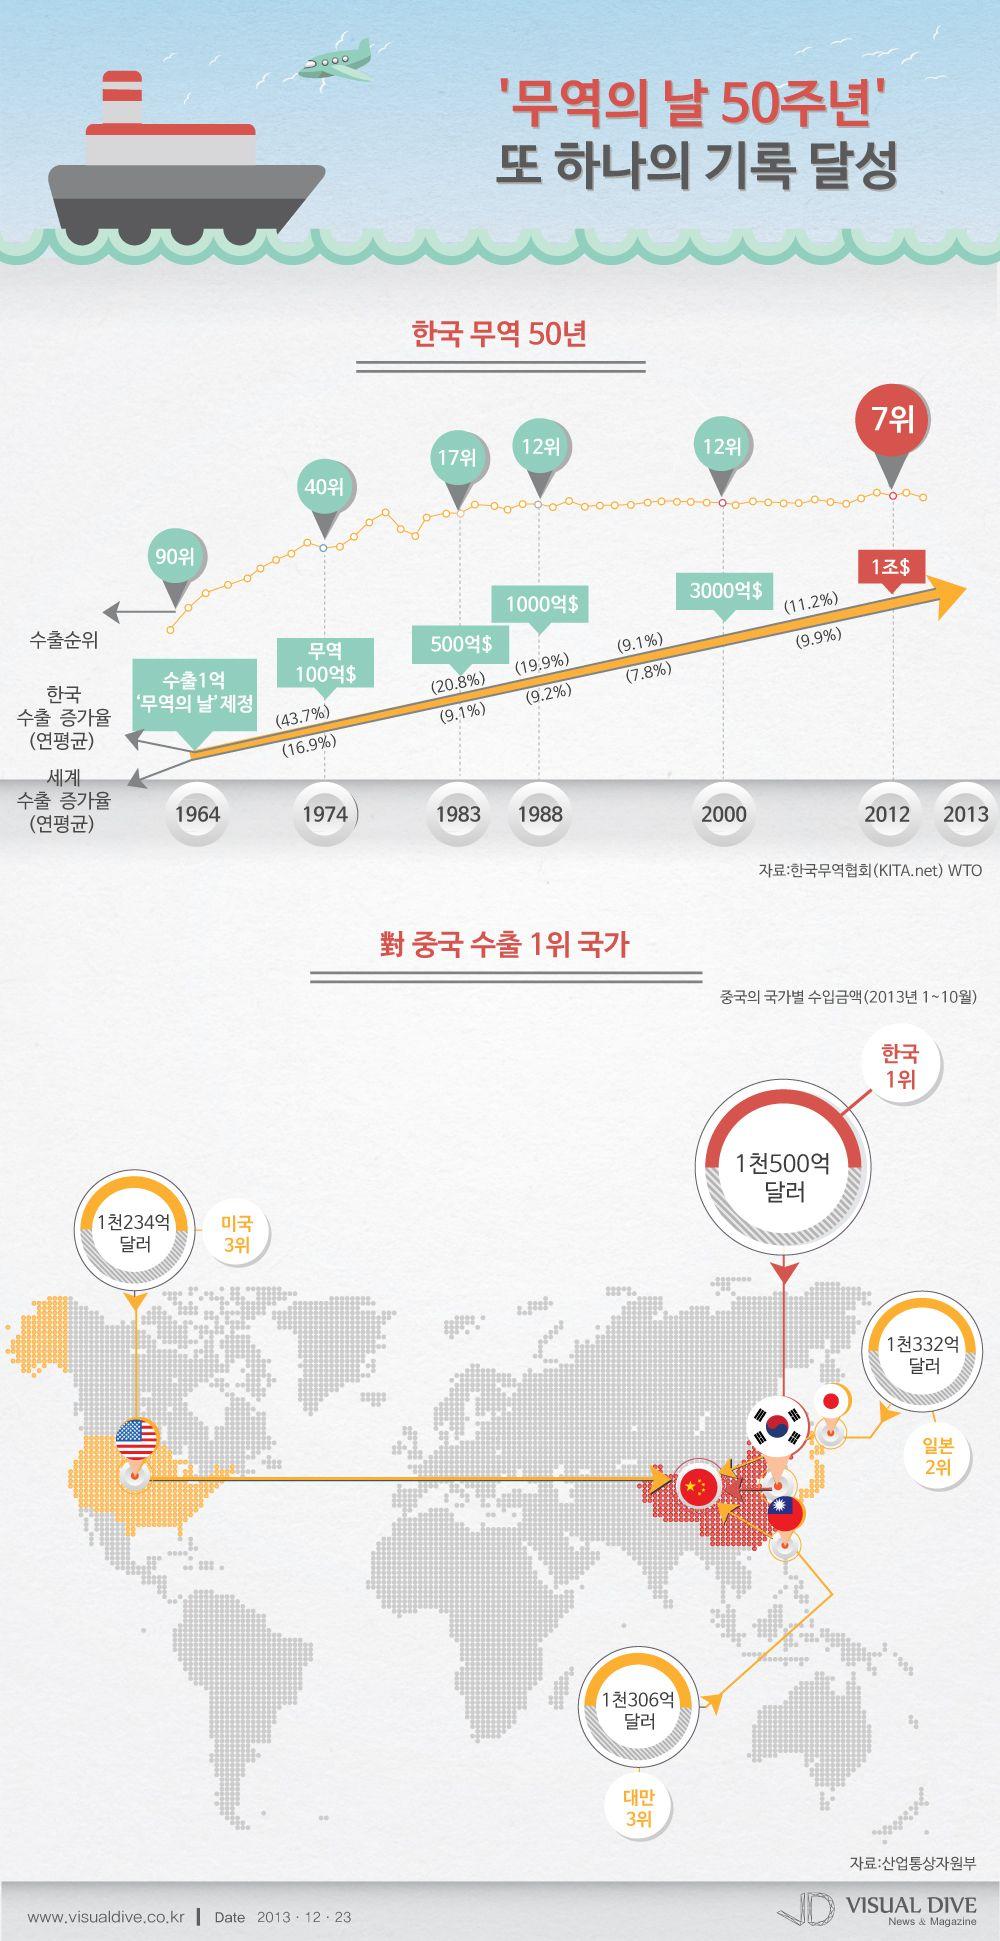 인포그래픽 한국 무역 50주년 日 제치고 대중국 수출 1위 Trade Infographic 비주얼다이브 무단 복사 전재 재배포 금지 인포그래픽 템플릿 한국